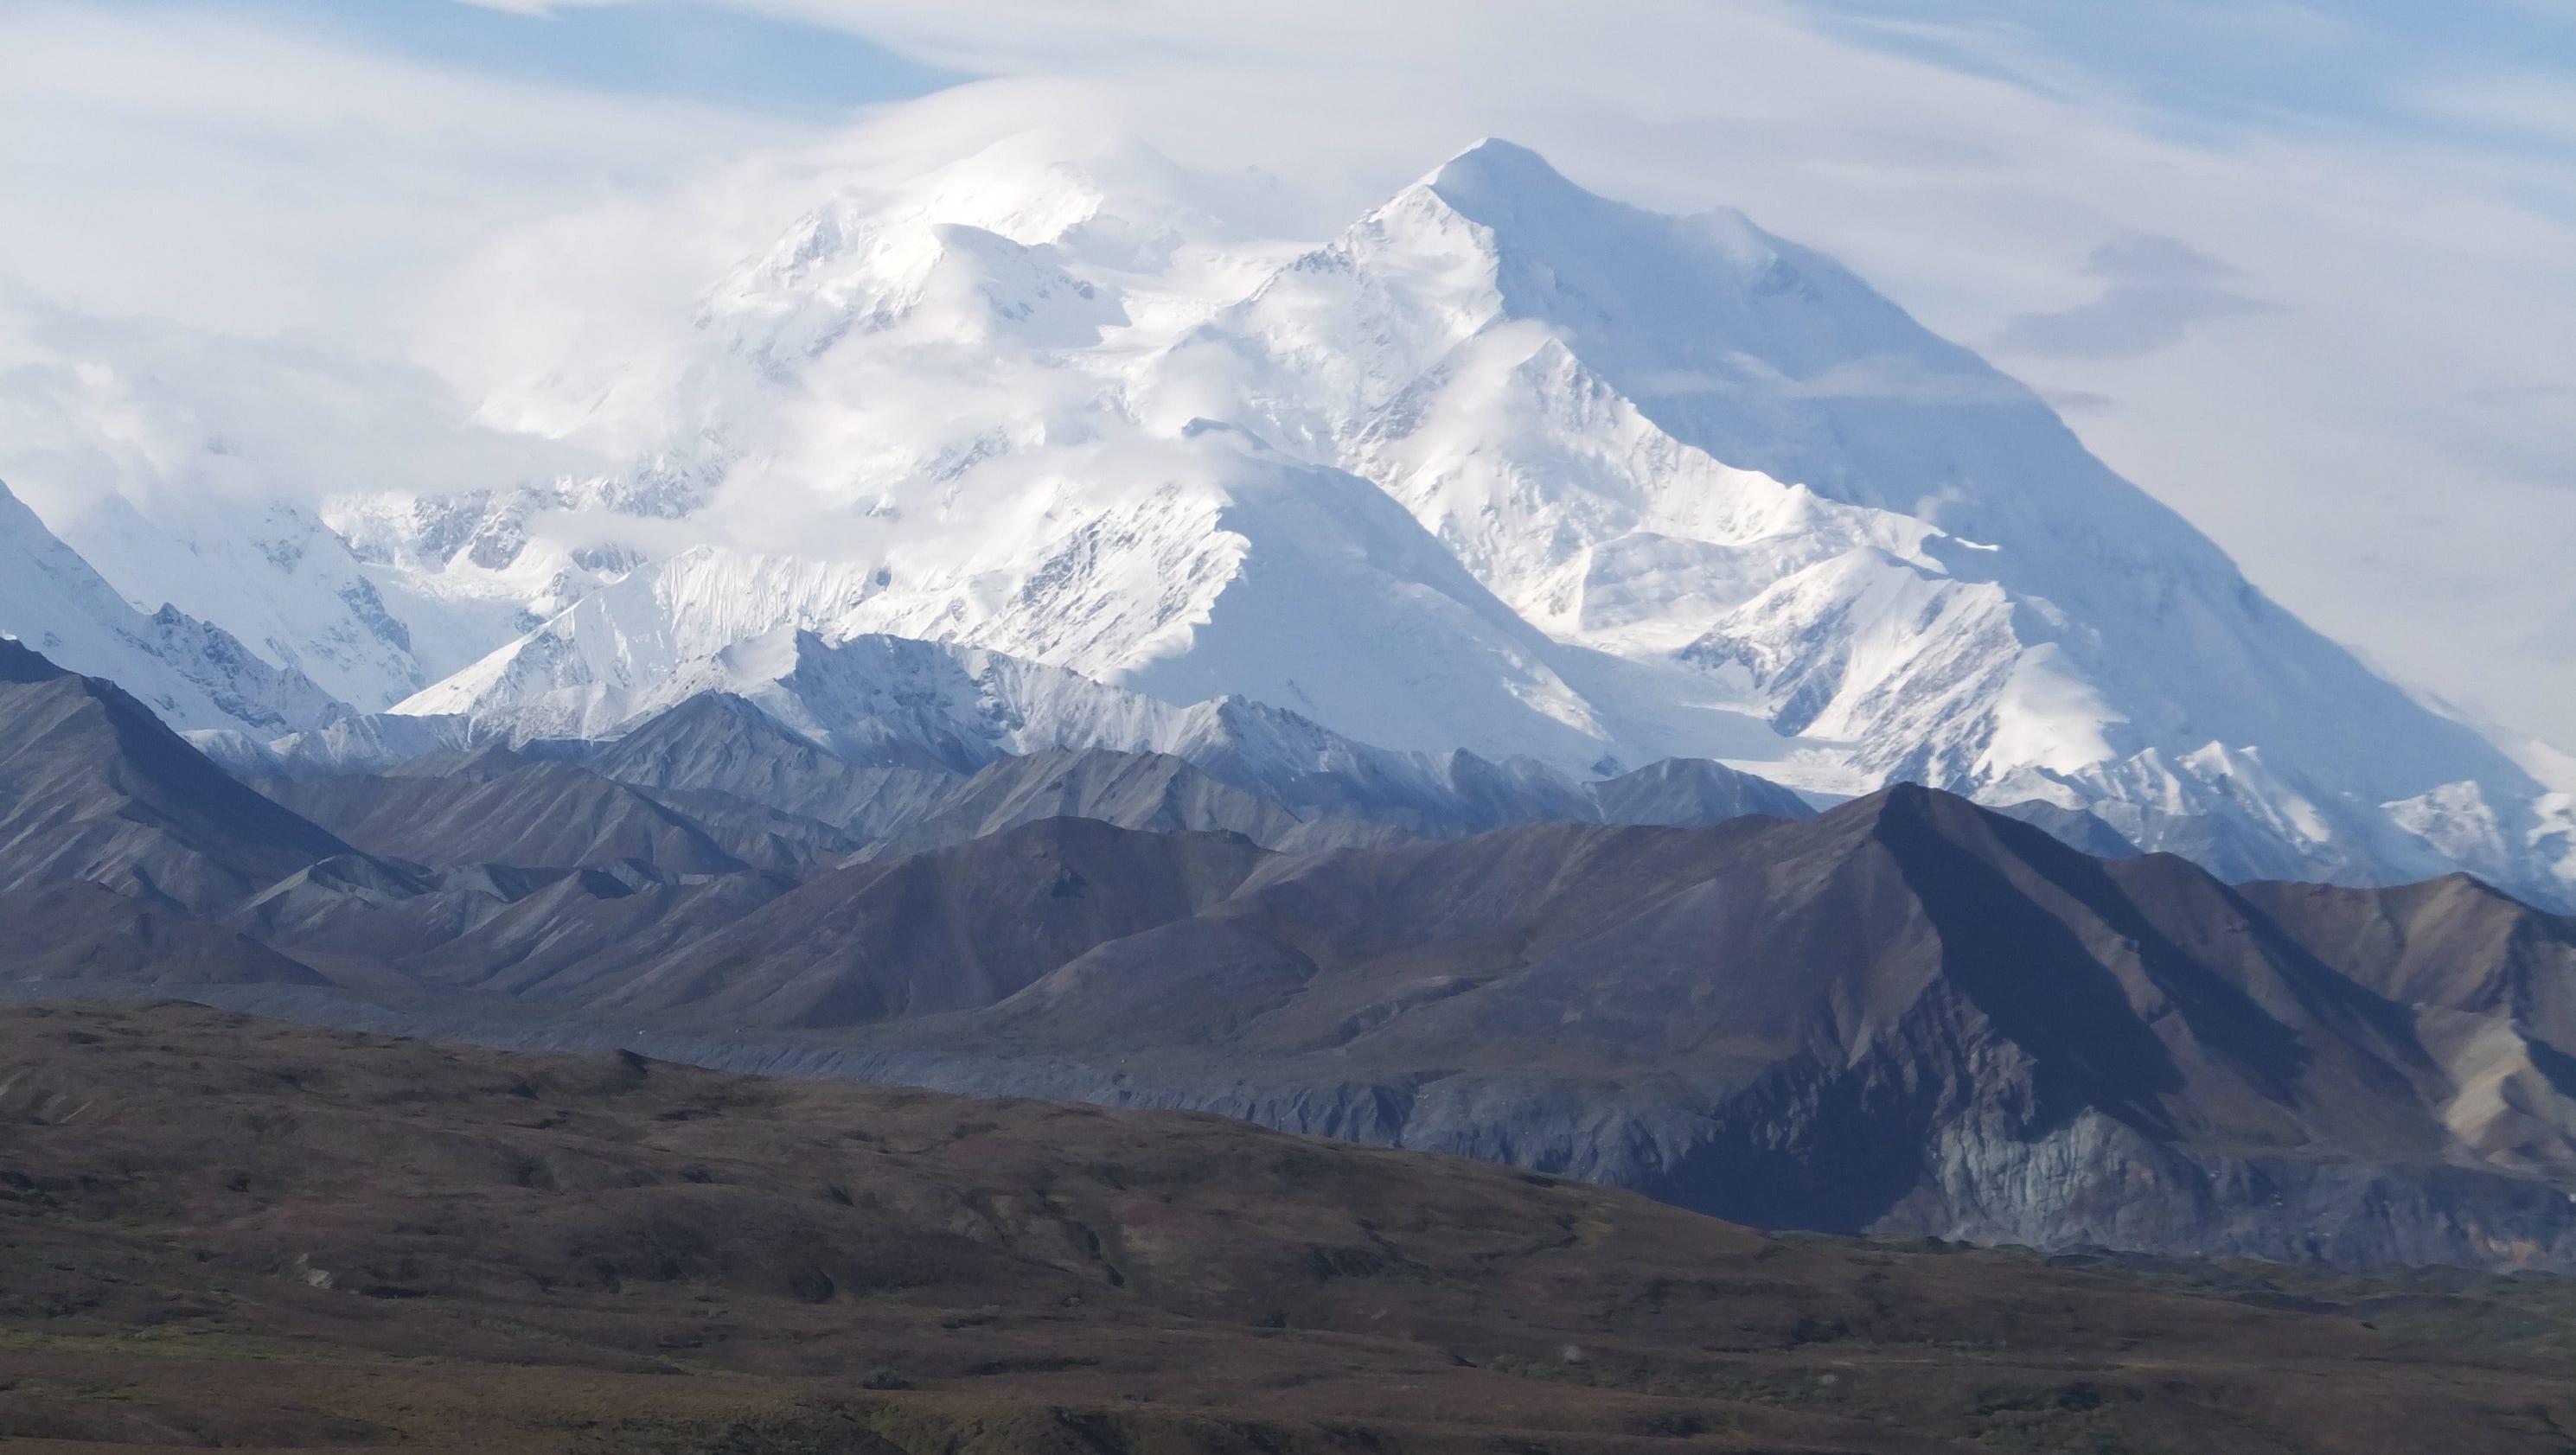 Obama Administration Renames Mount Mckinley To Denali